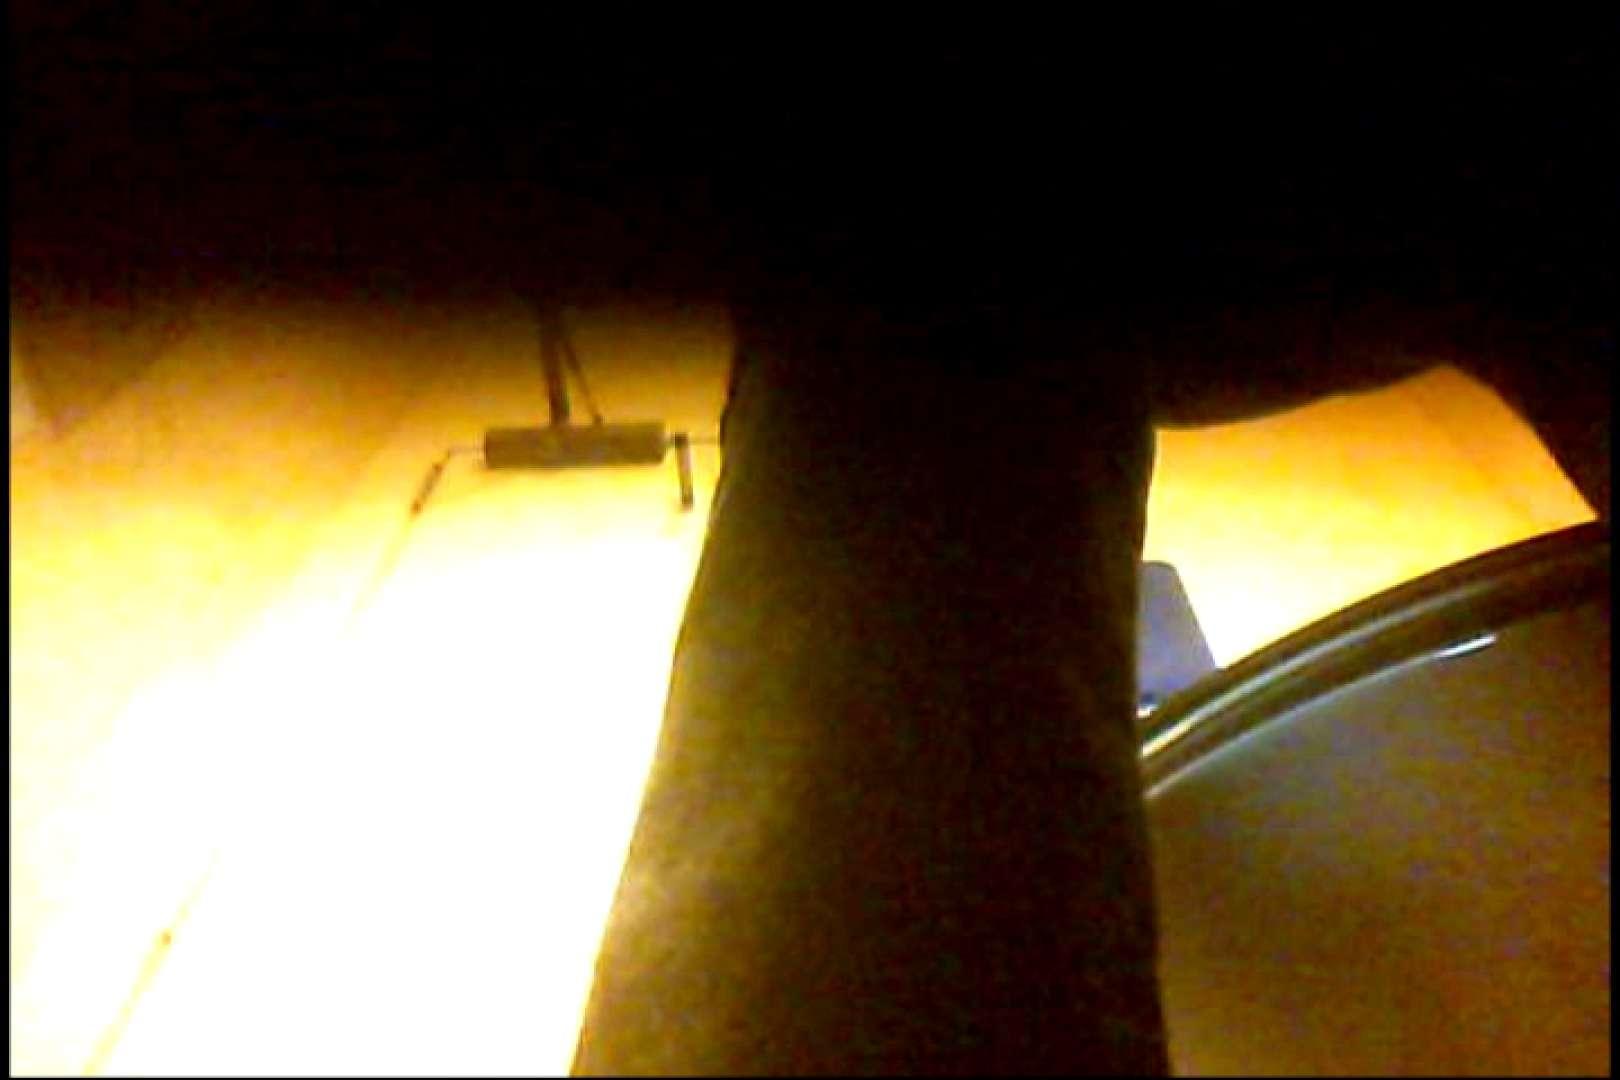 画質向上!新亀さん厠 vol.32 モロだしオマンコ ワレメ無修正動画無料 79pic 17